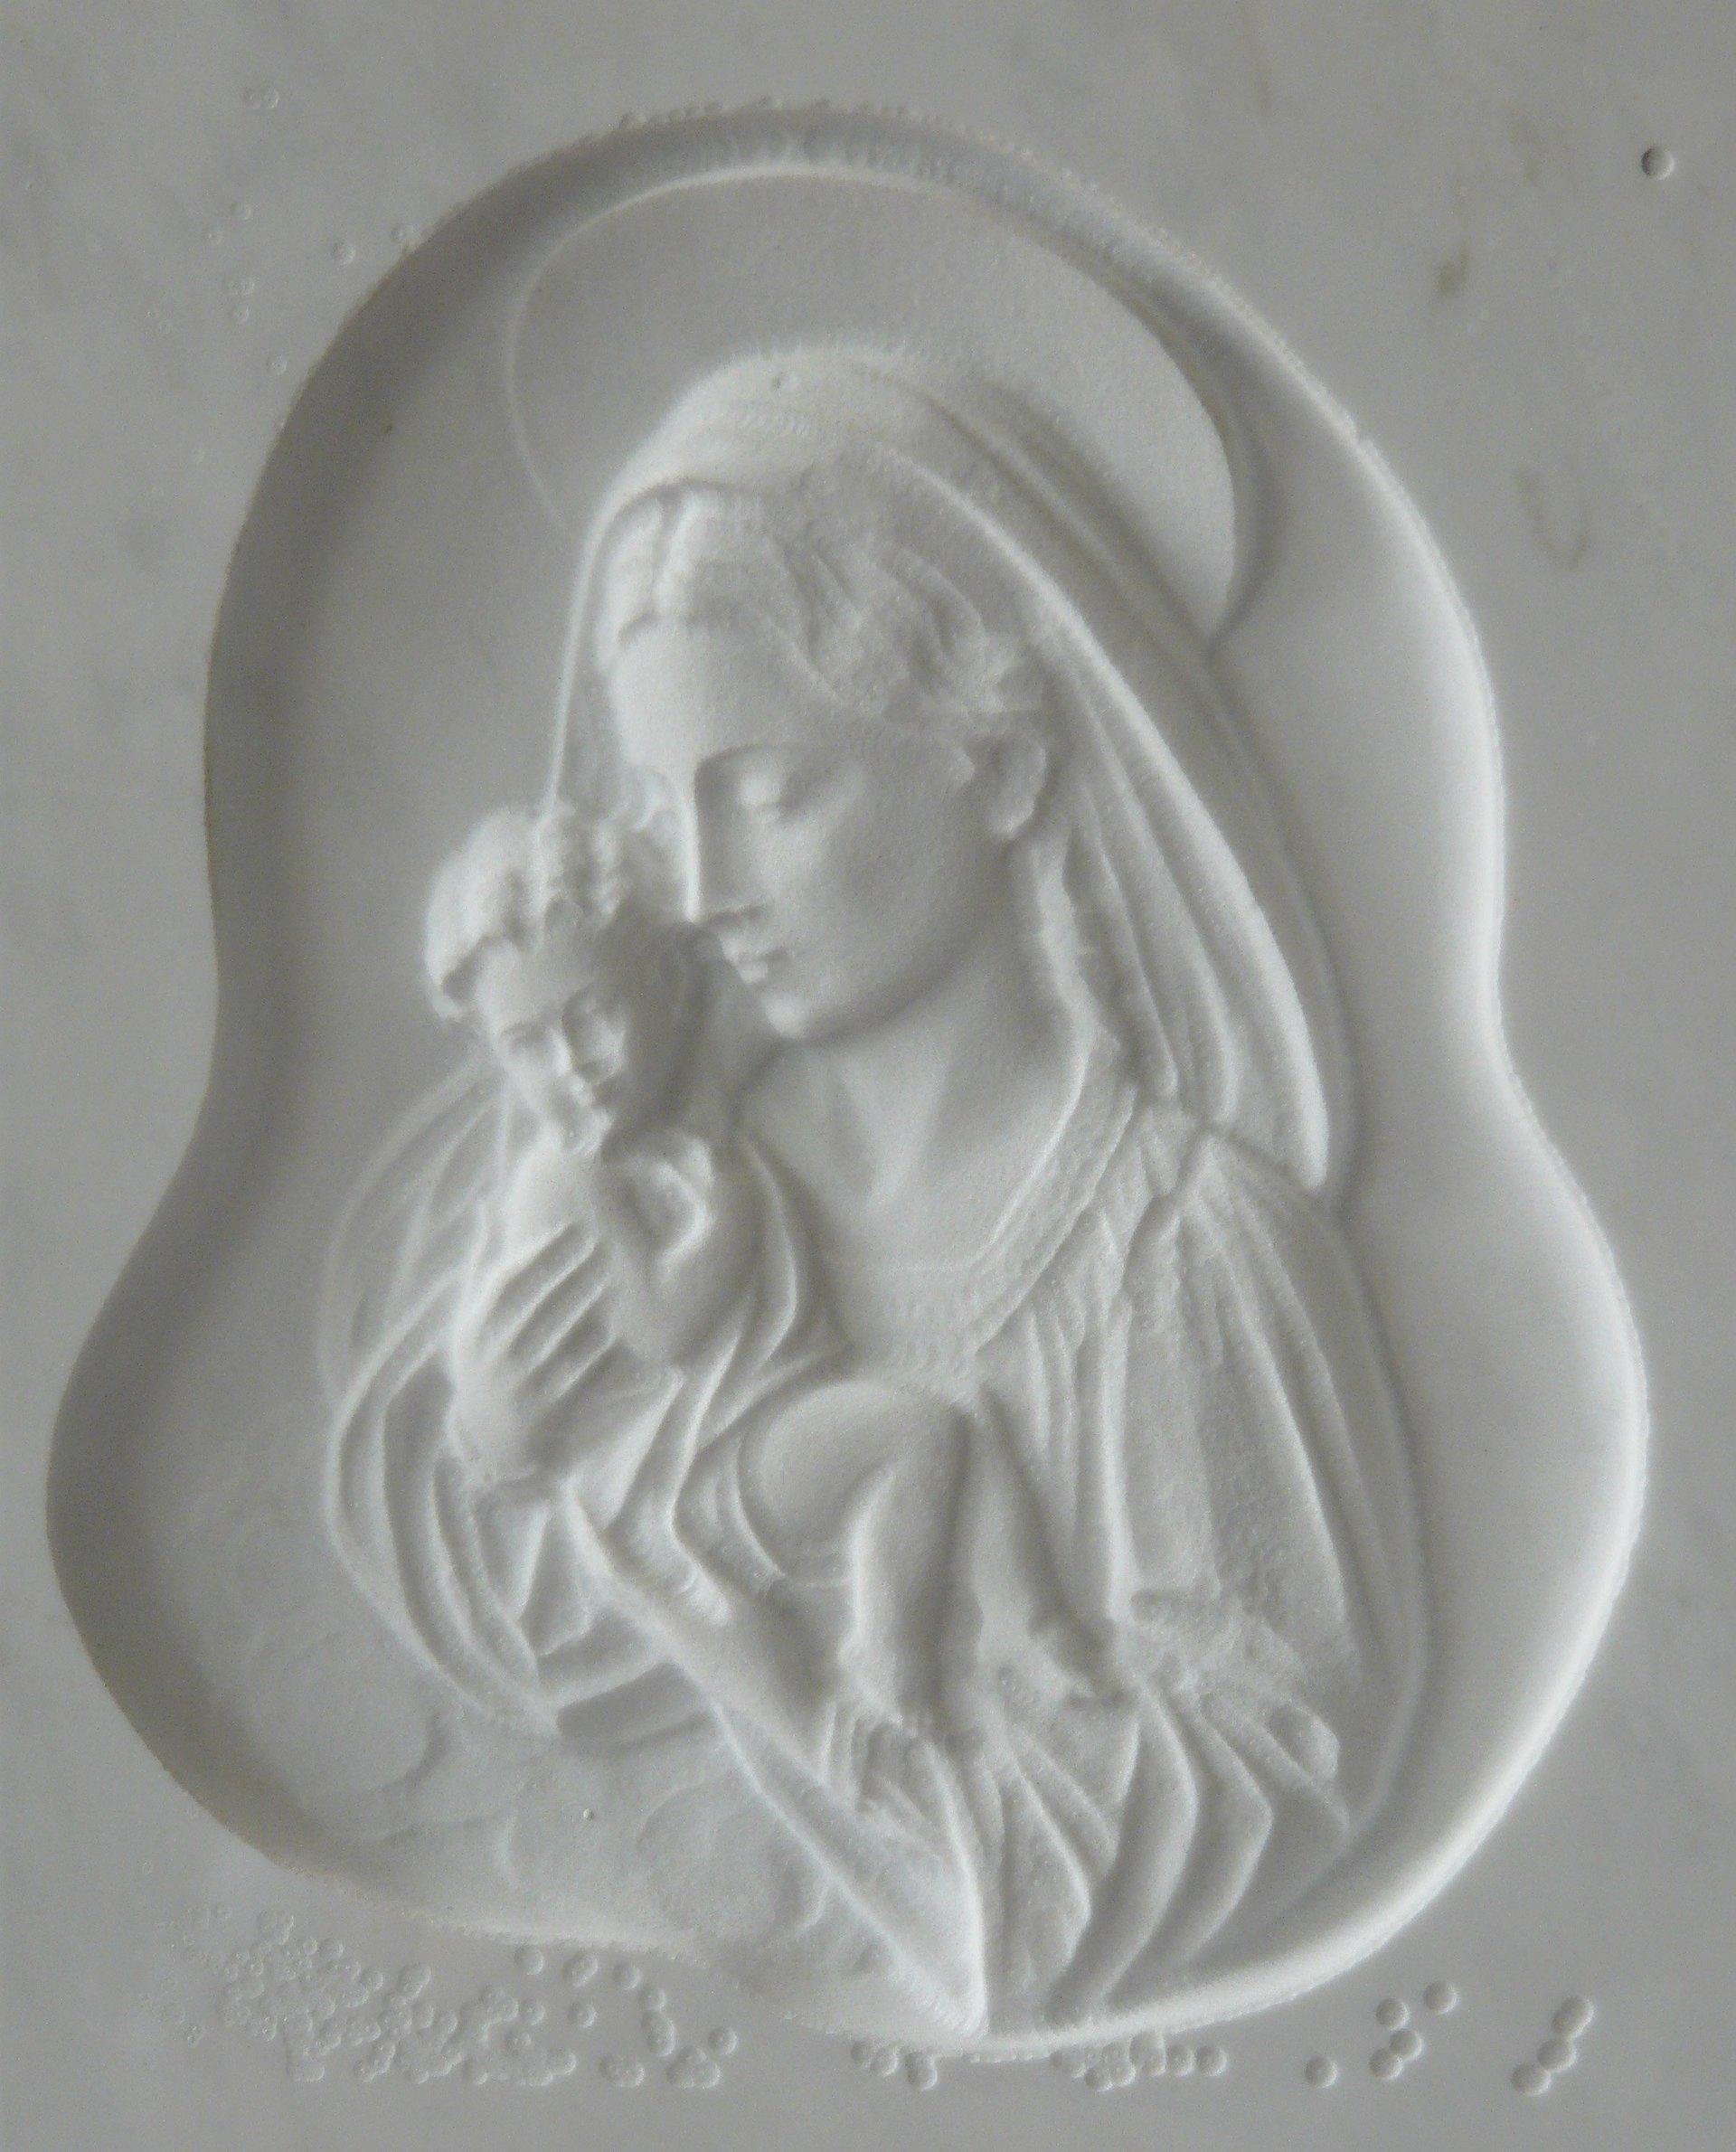 bassorilievo su marmo bianco rappresentante la madonna con gesù